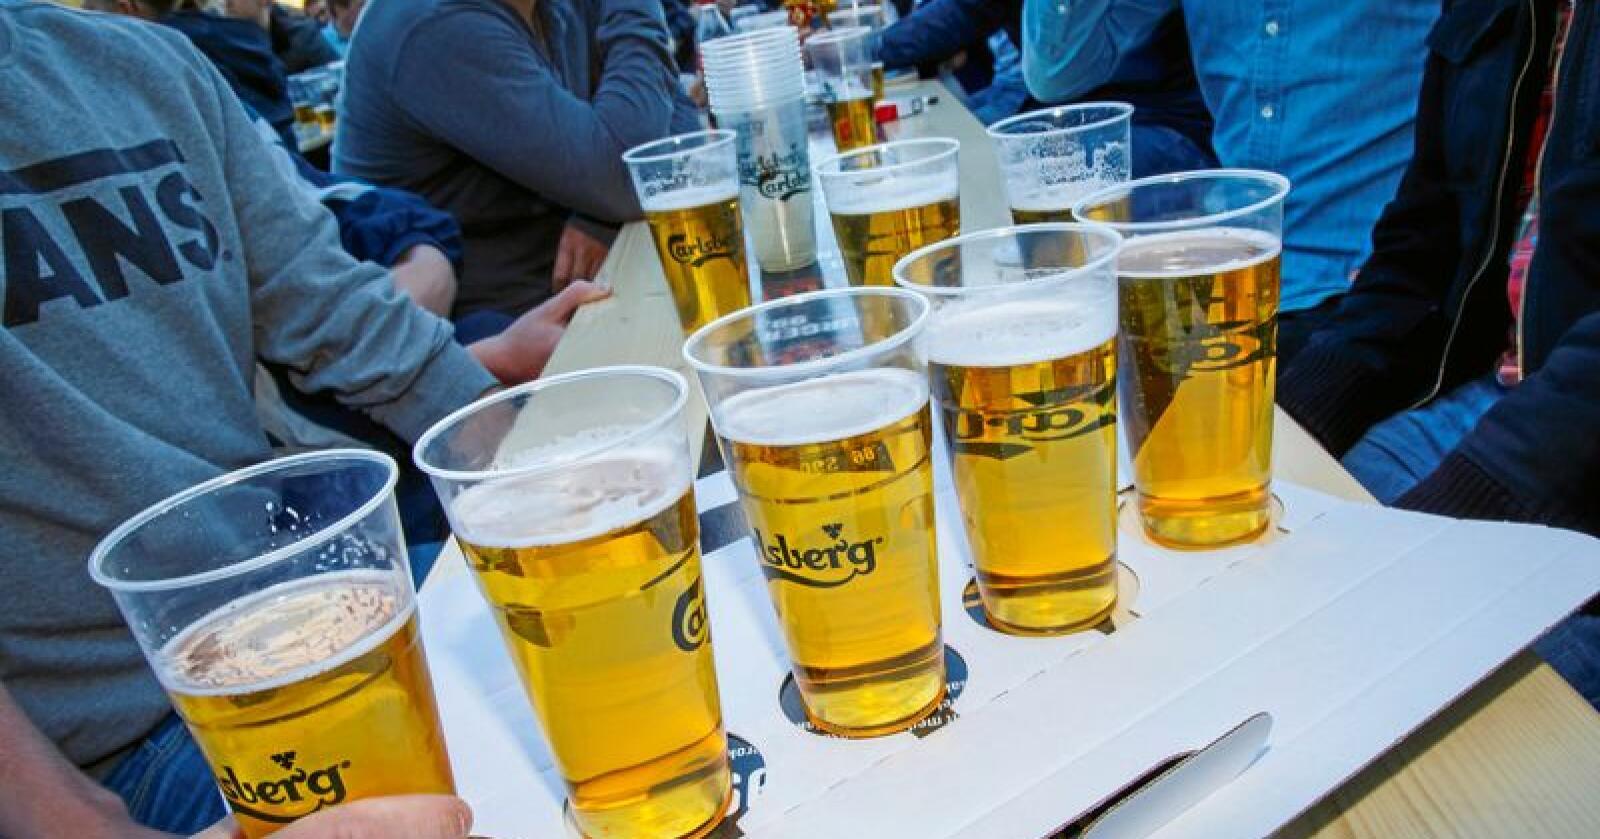 Øyafestivalen håper å redusere mengden plastavfall og bytter fra engangsplast til flerbruksplastglass under årets festival. Foto: Heiko Junge / NTB scanpix